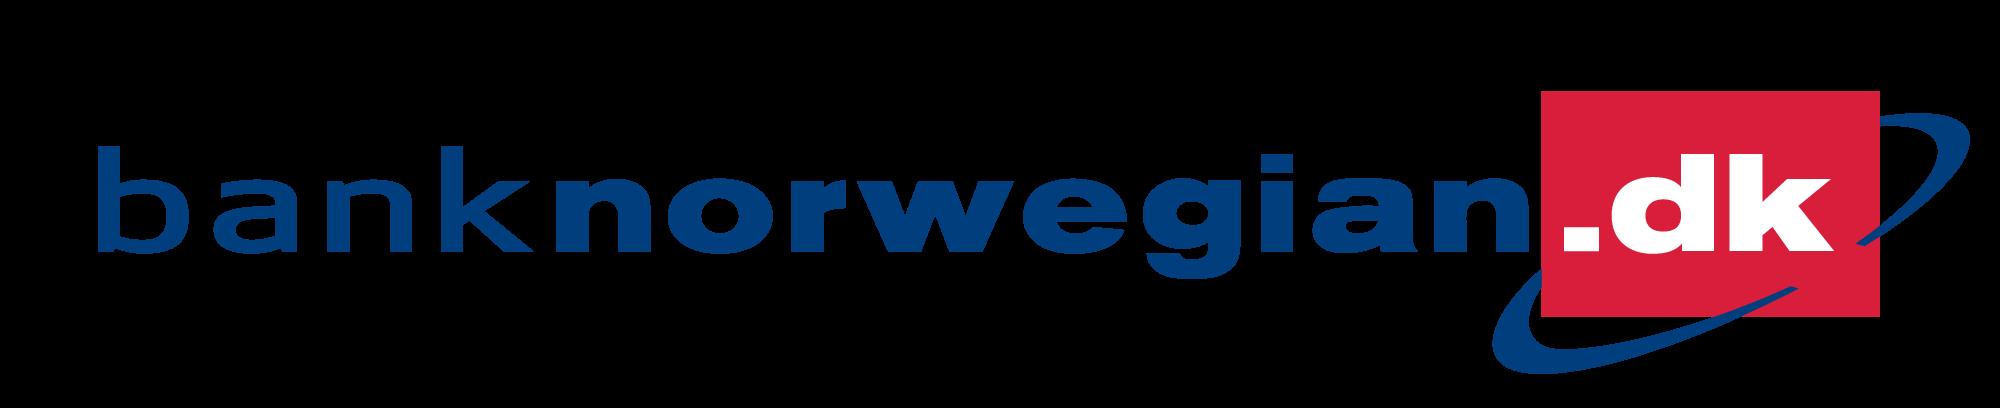 banknorwegian online lån